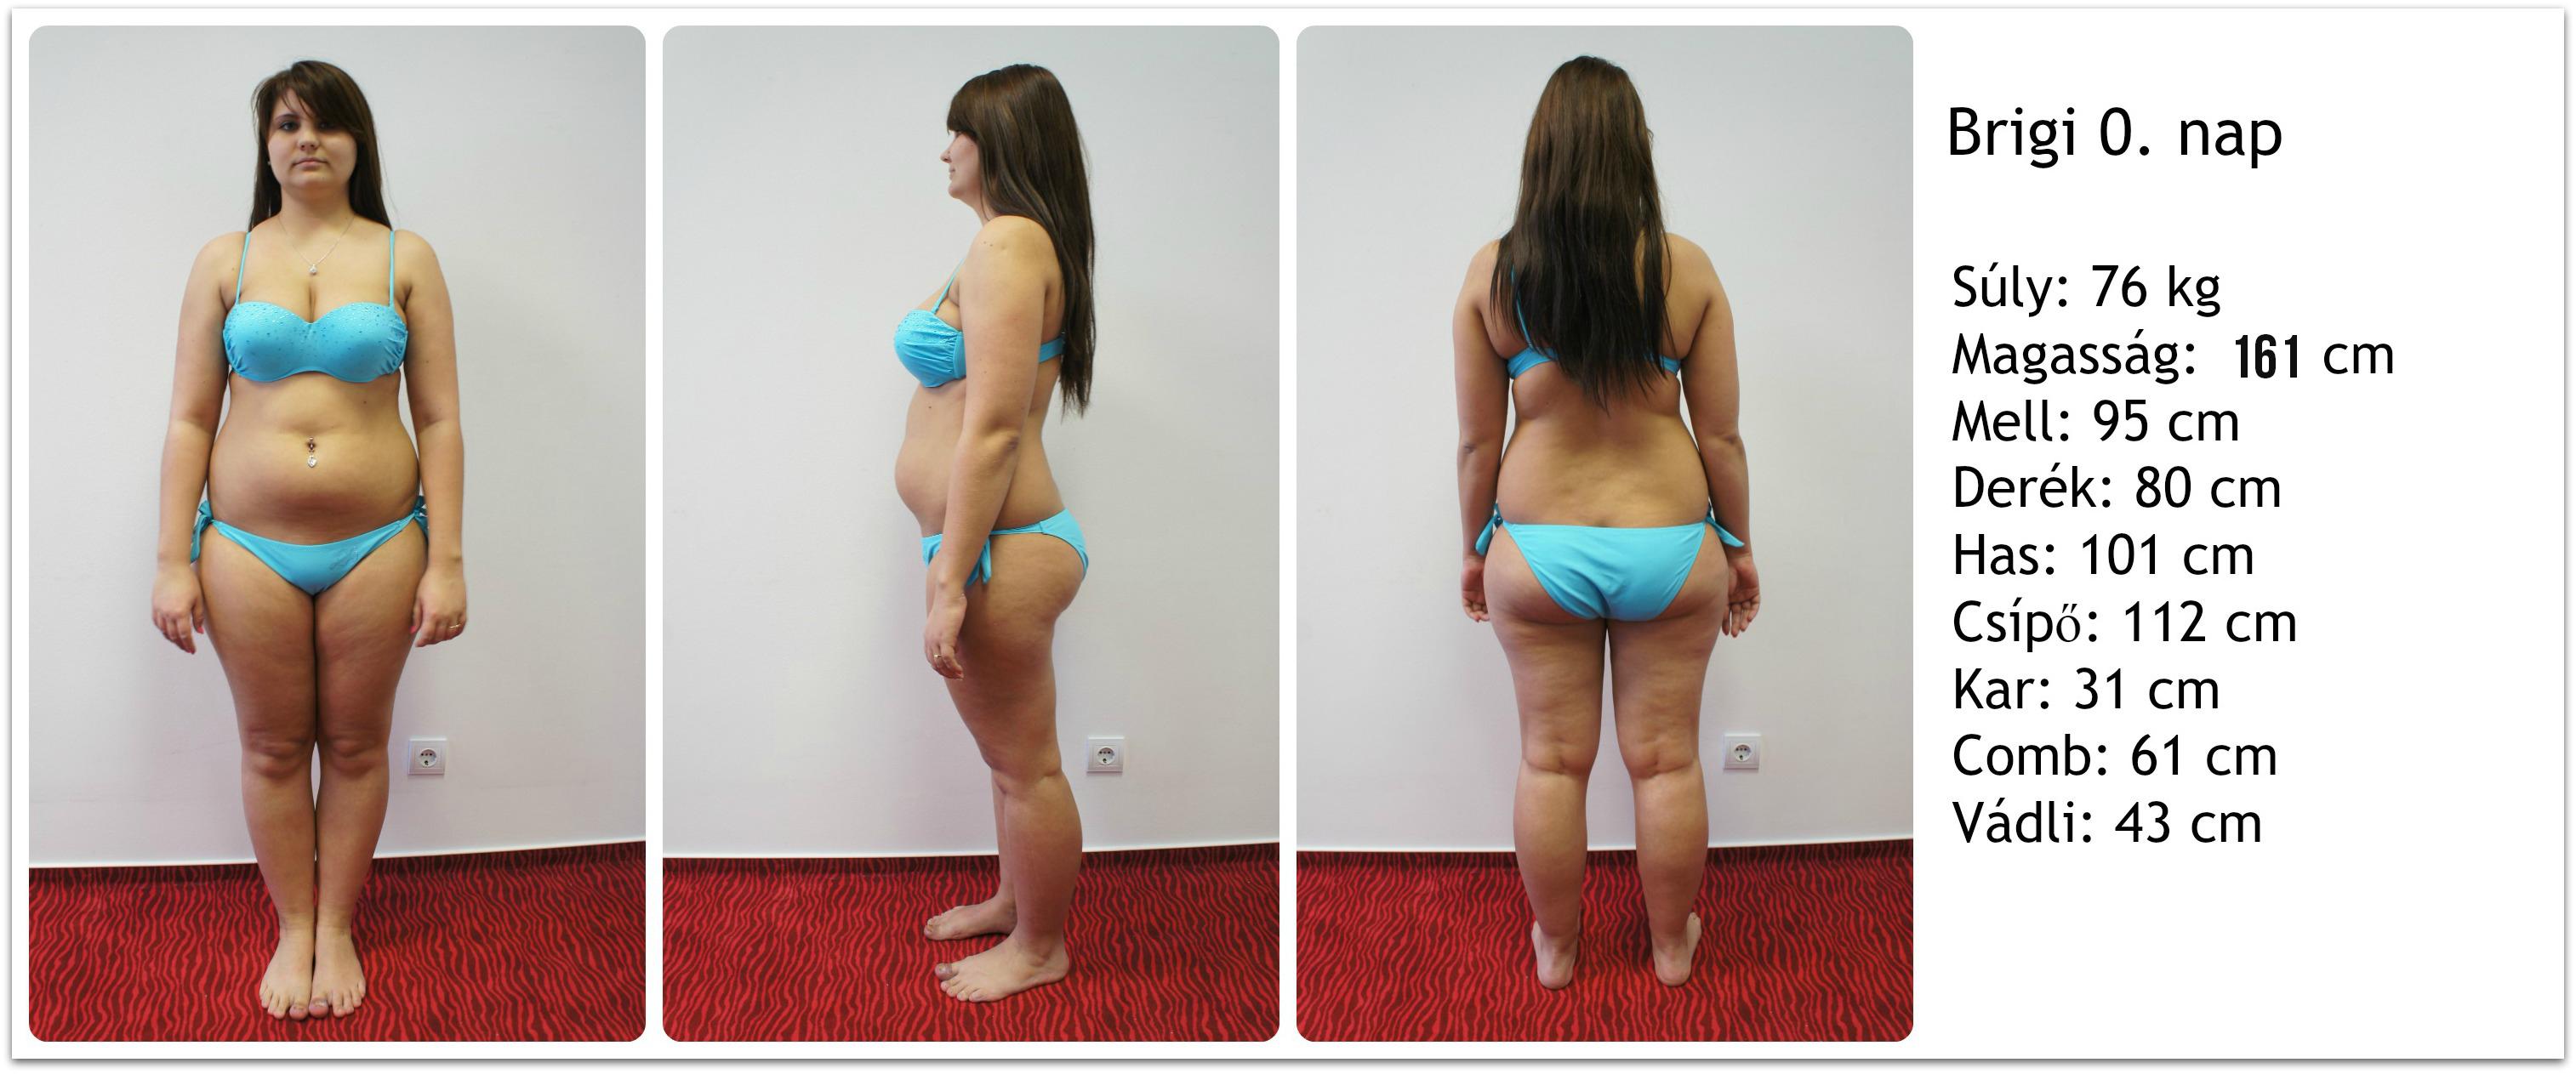 15 font súlycsökkenés 6 hét alatt szórakoztató könnyű fogyás tippek